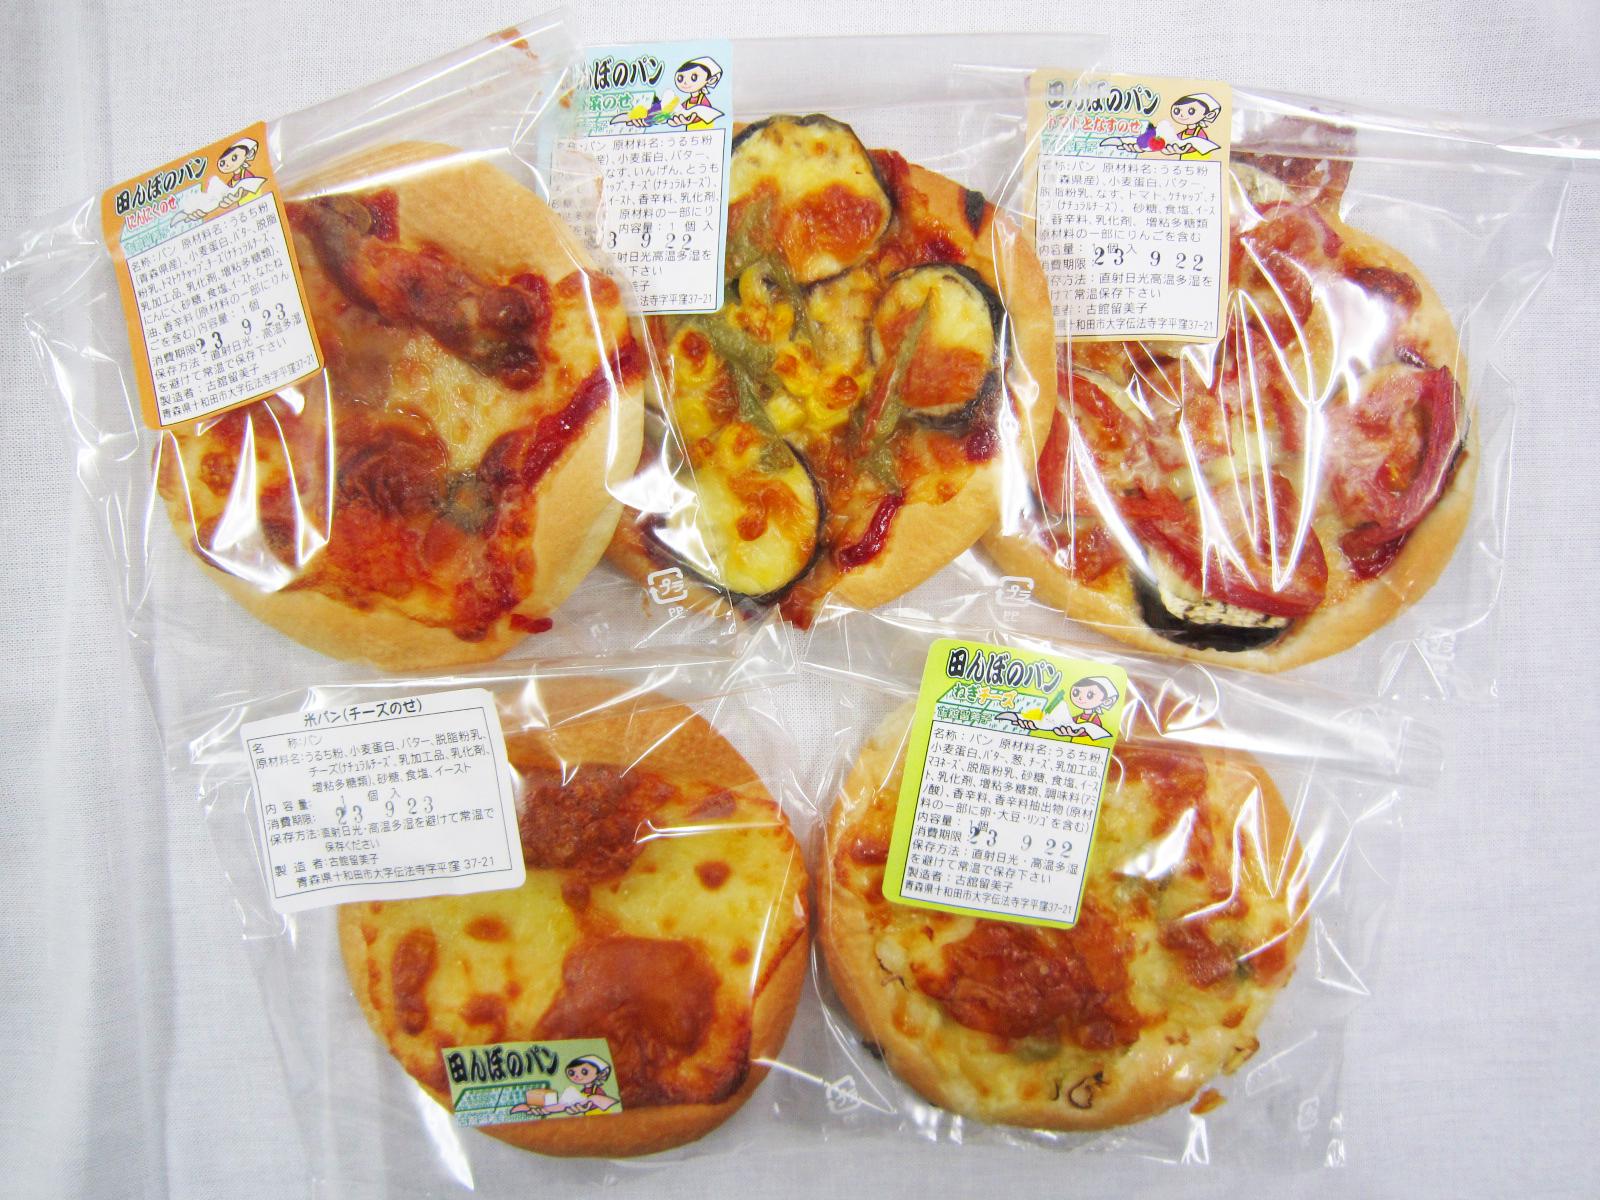 生産者 古舘留美子さんの田んぼのパン